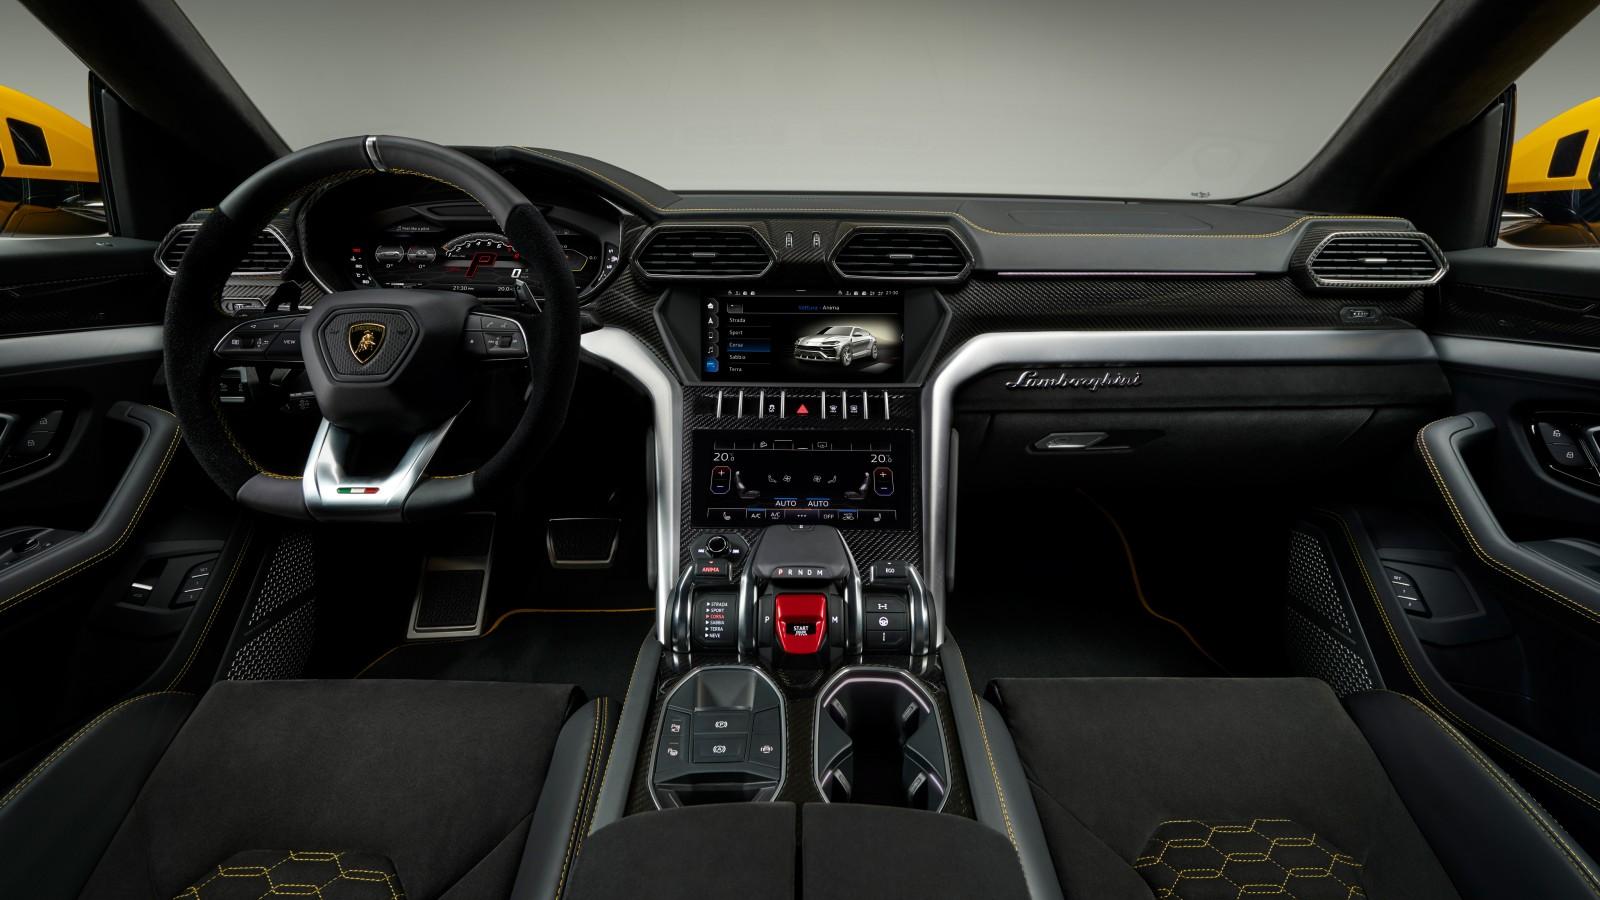 2018 Lamborghini Urus Interior 4K Wallpaper | HD Car ...